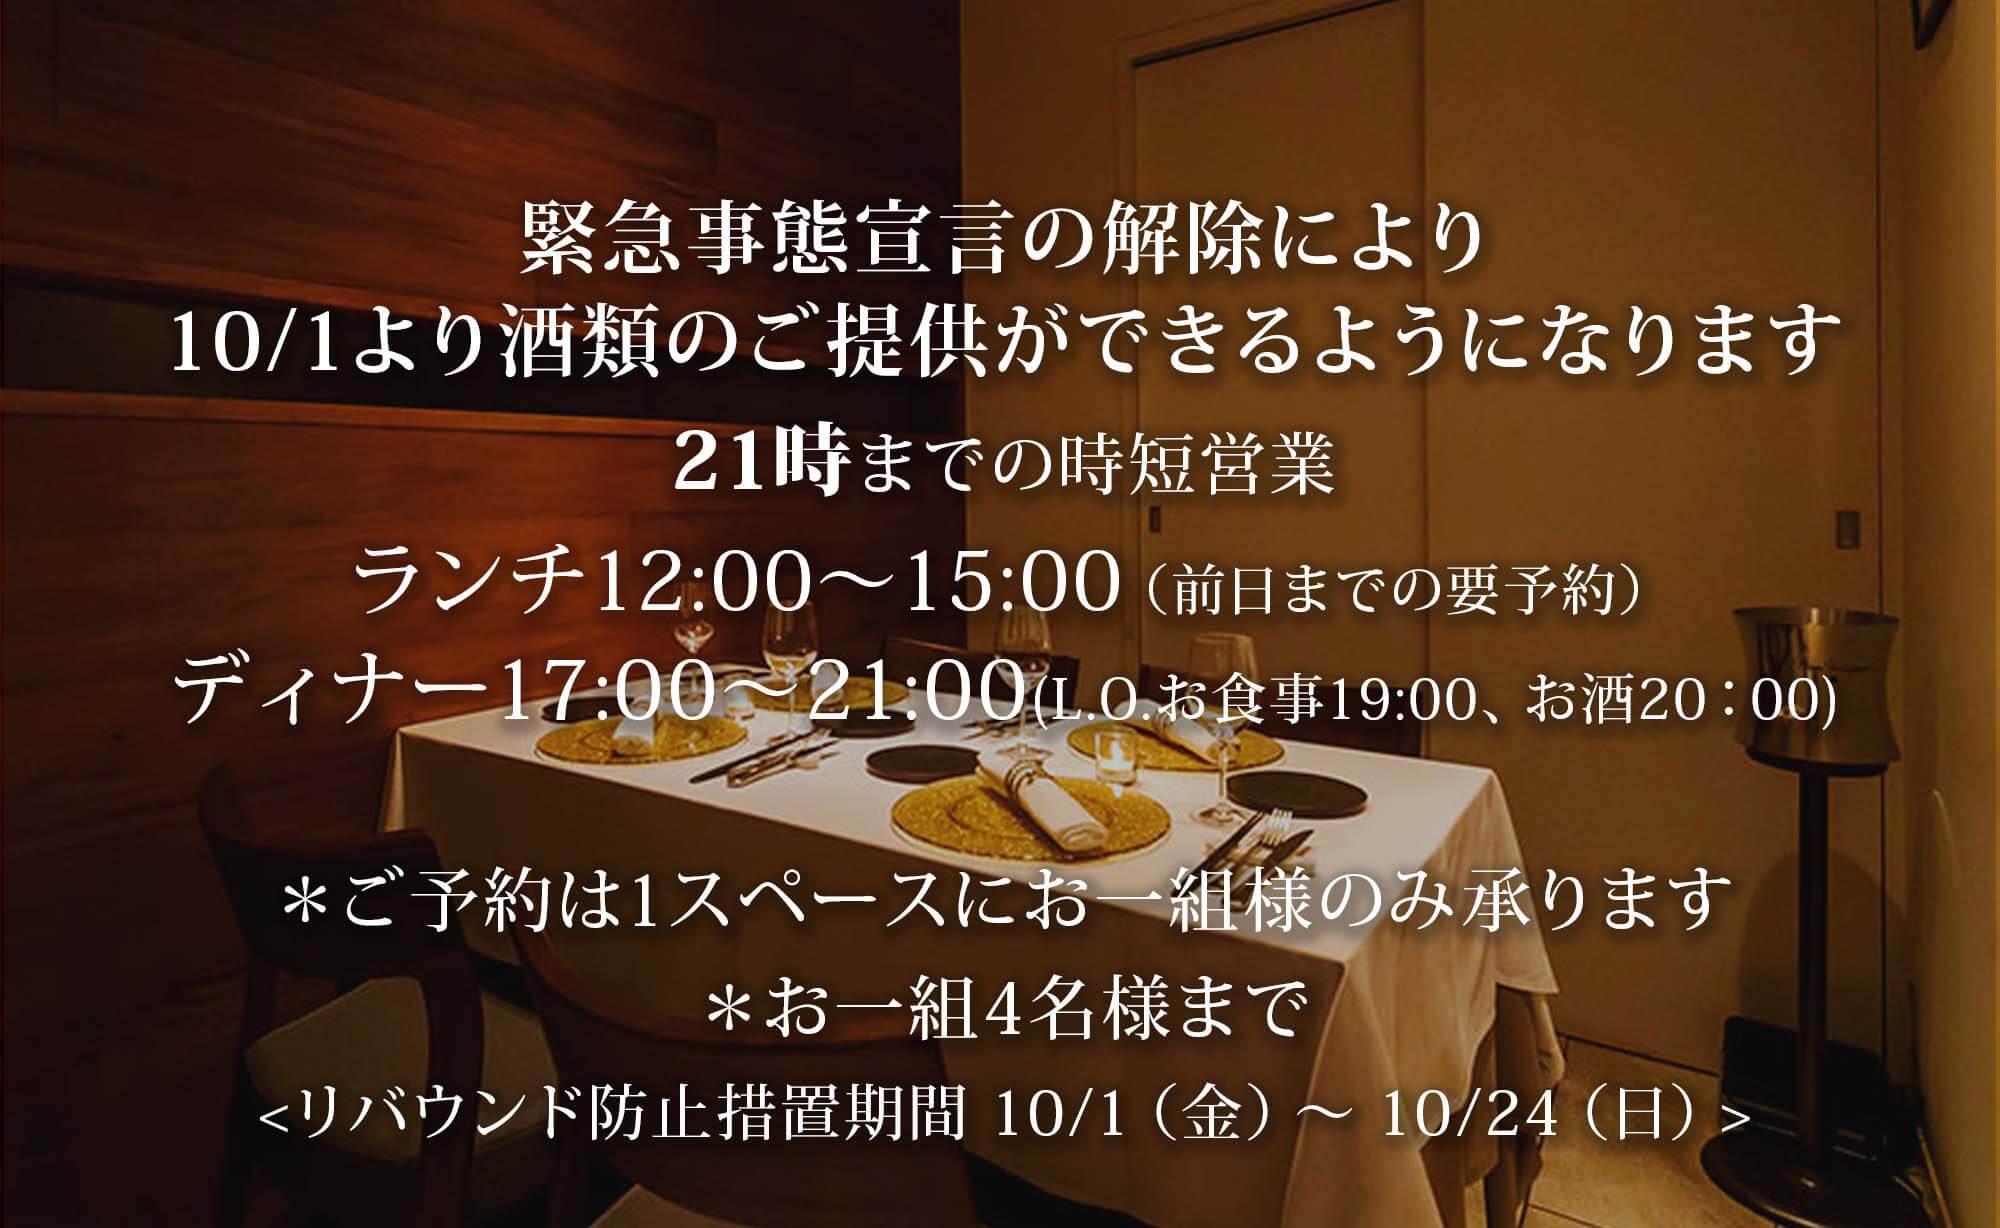 10/1~10/24リバウンド防止措置期間のお知らせ